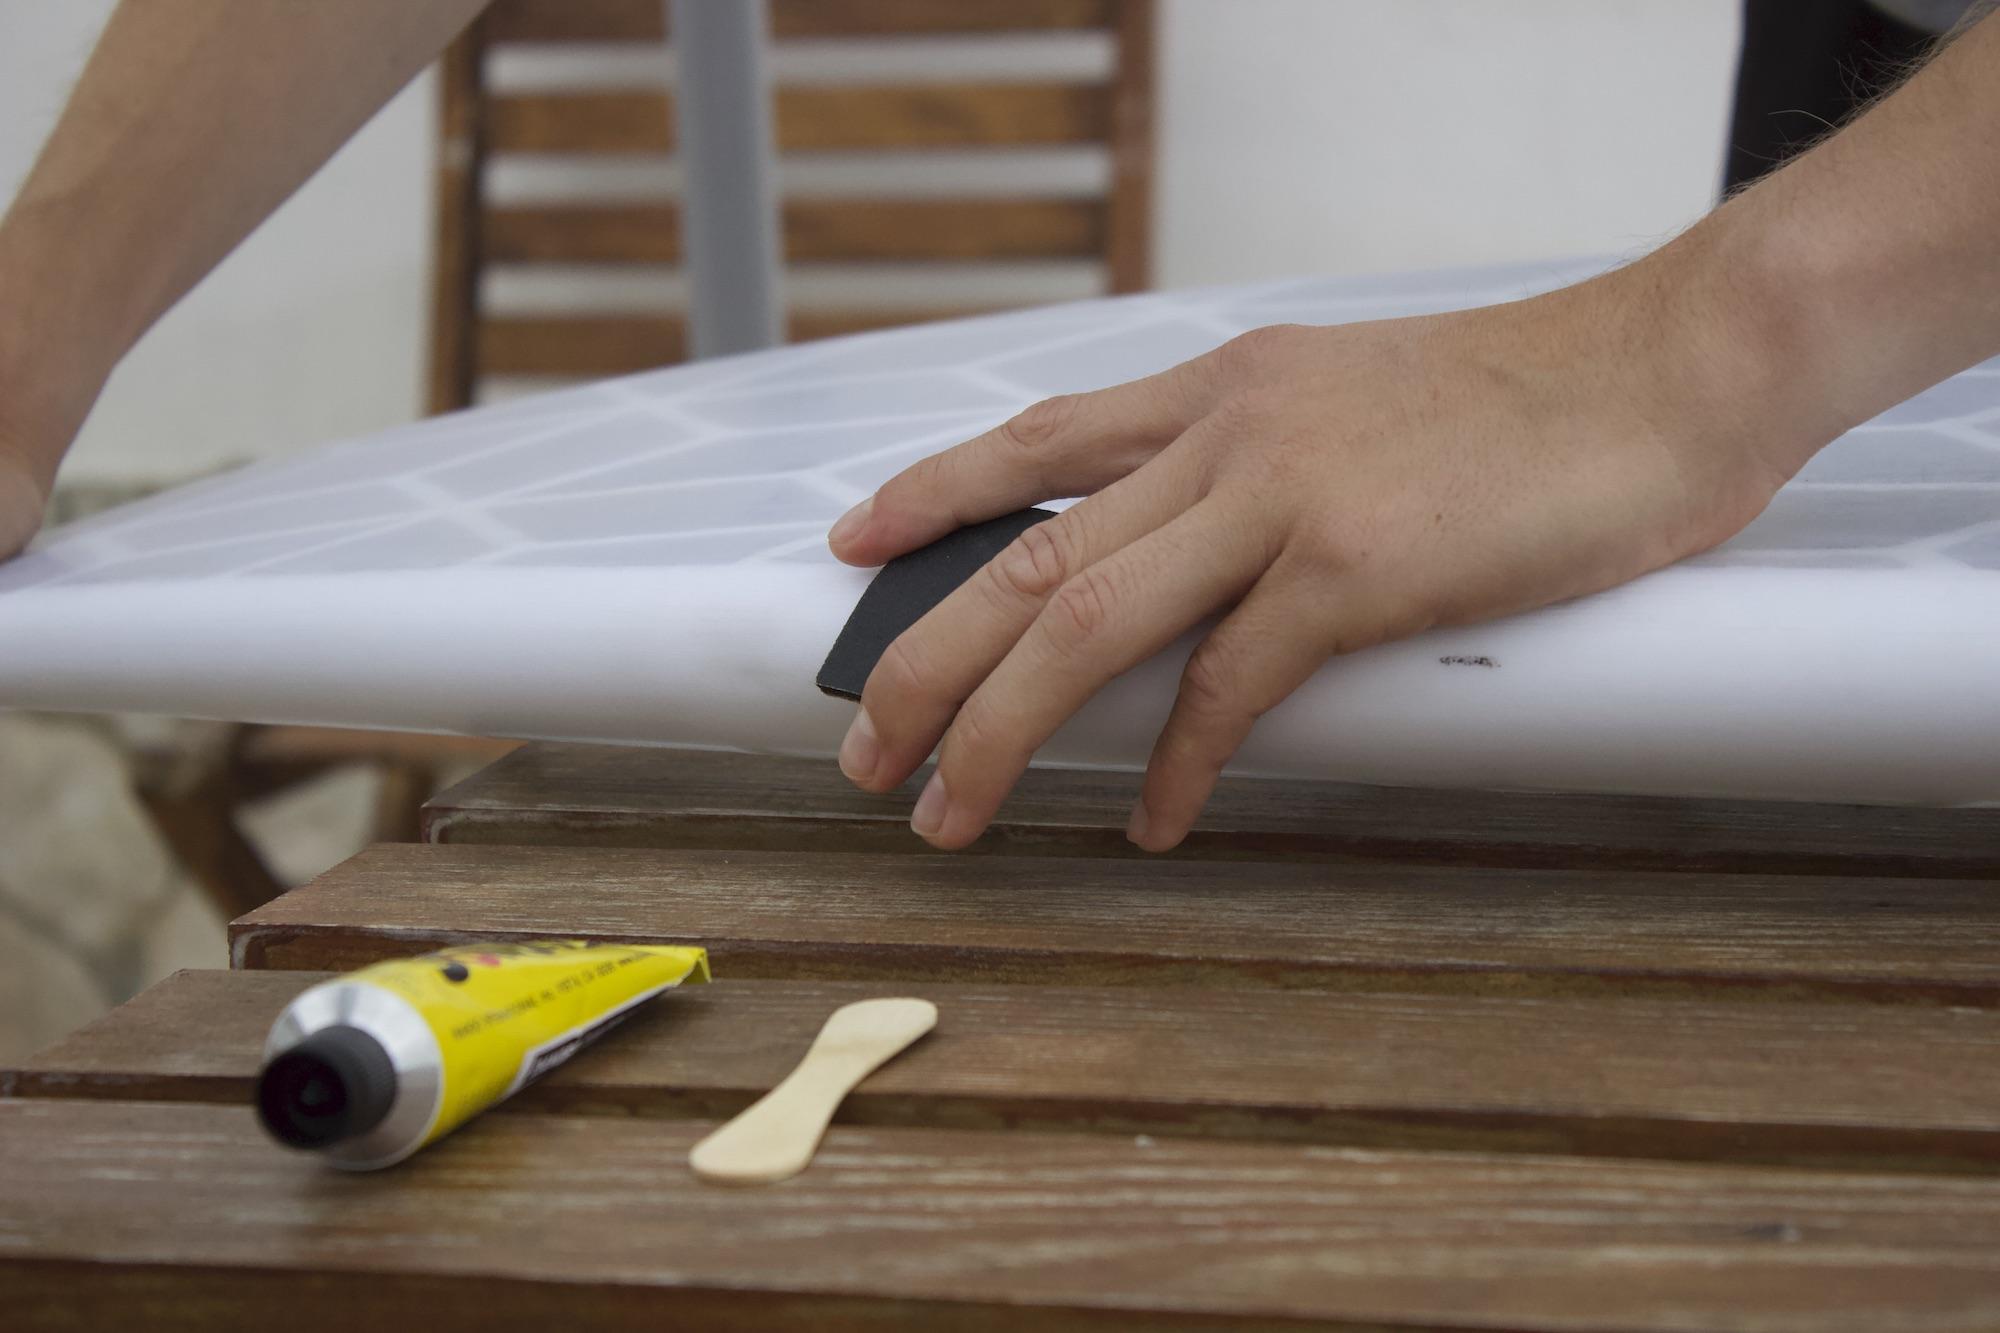 Fixing your HEXA surfboard in 10 minutes